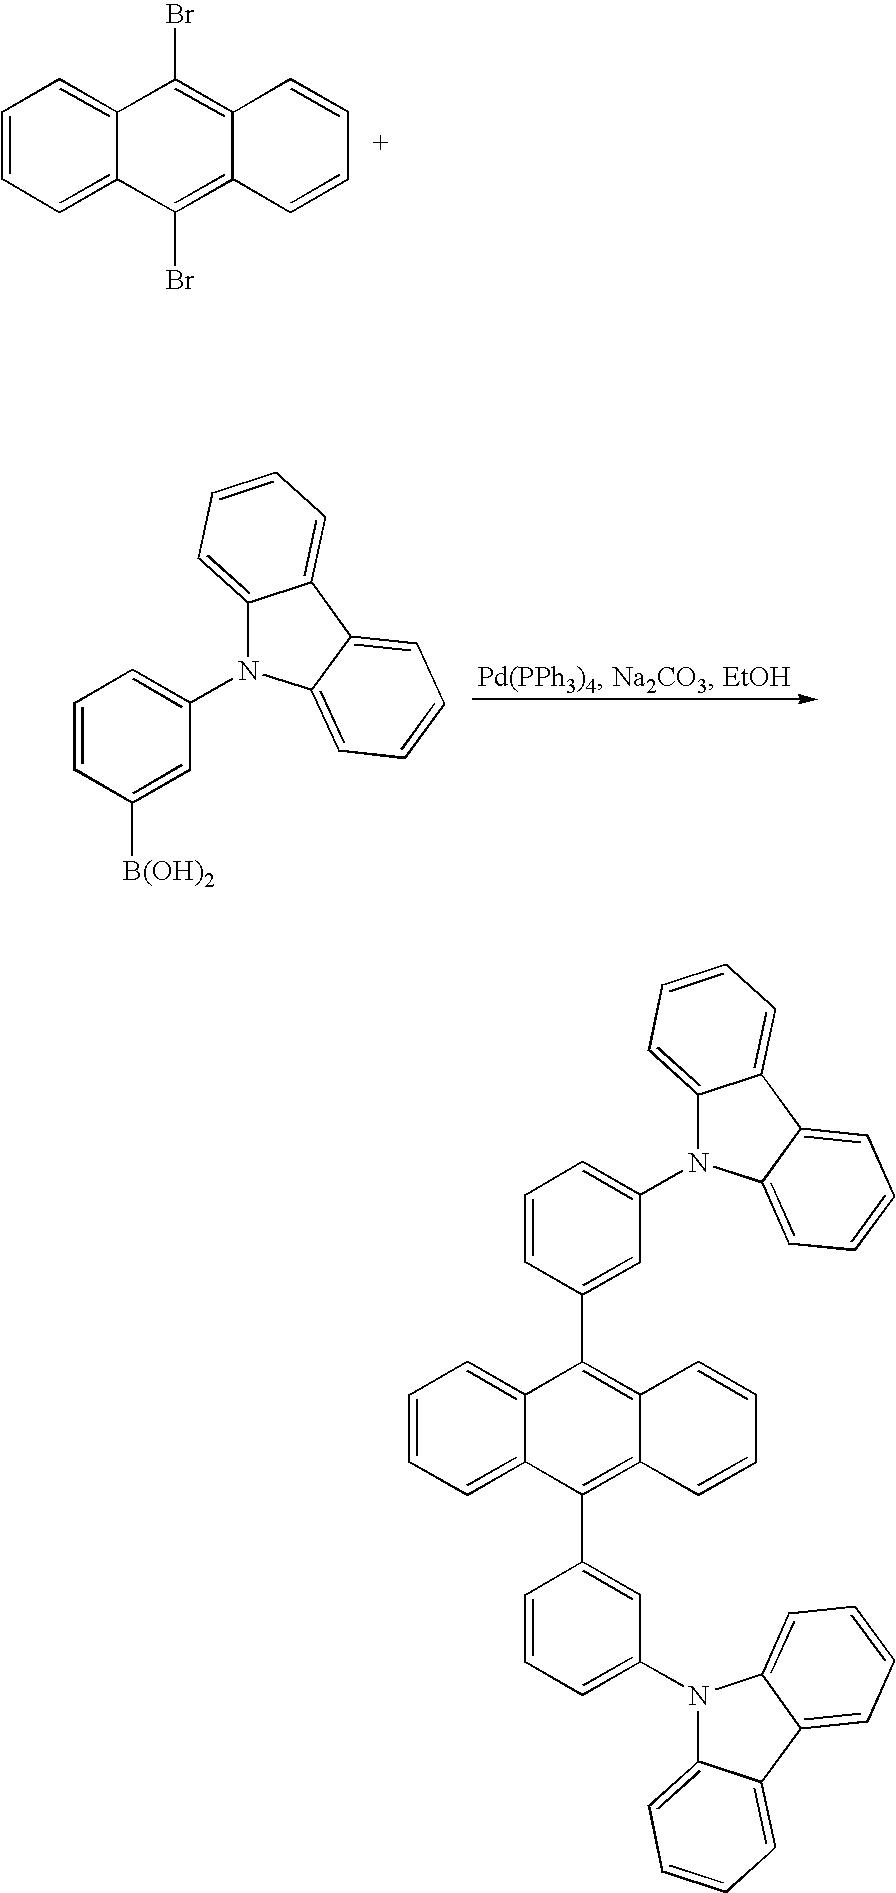 Figure US20060222886A1-20061005-C00018